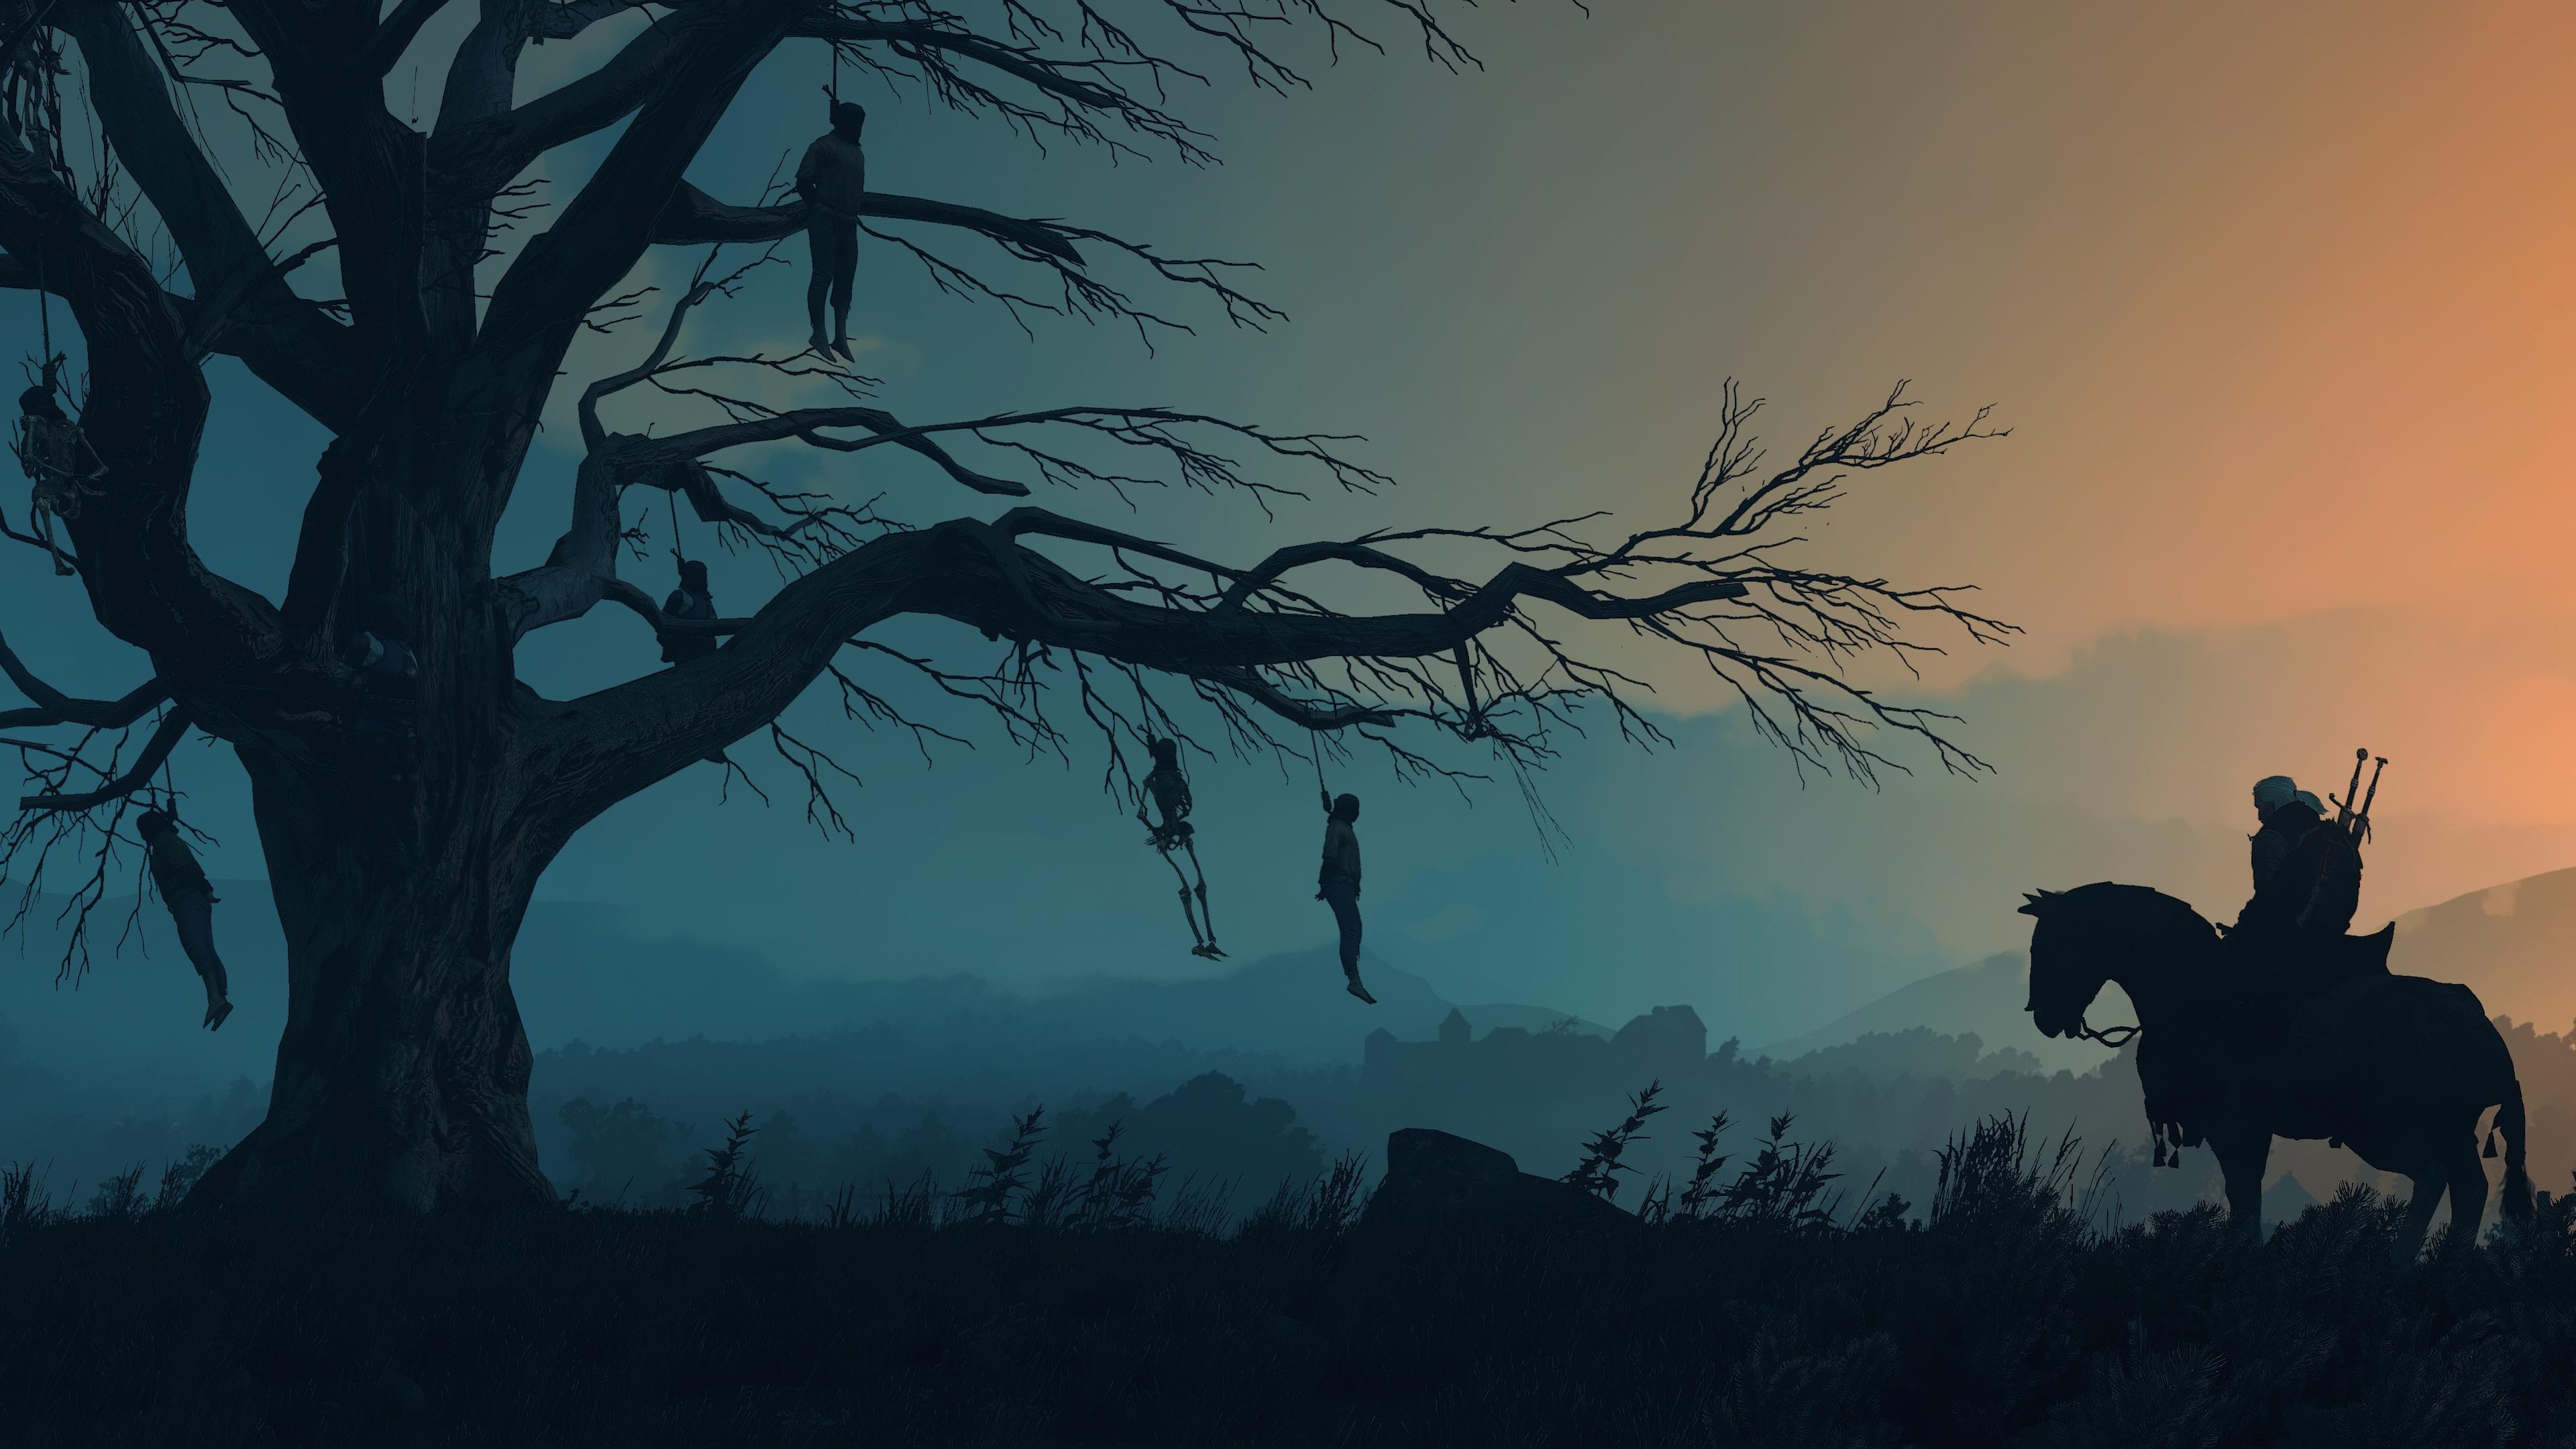 Фотография Ведьмак 3: Дикая Охота Лошади Силуэт Игры Вечер на ветке дерева 3840x2160 The Witcher 3: Wild Hunt силуэты силуэта Ветки ветка ветвь дерево Деревья деревьев